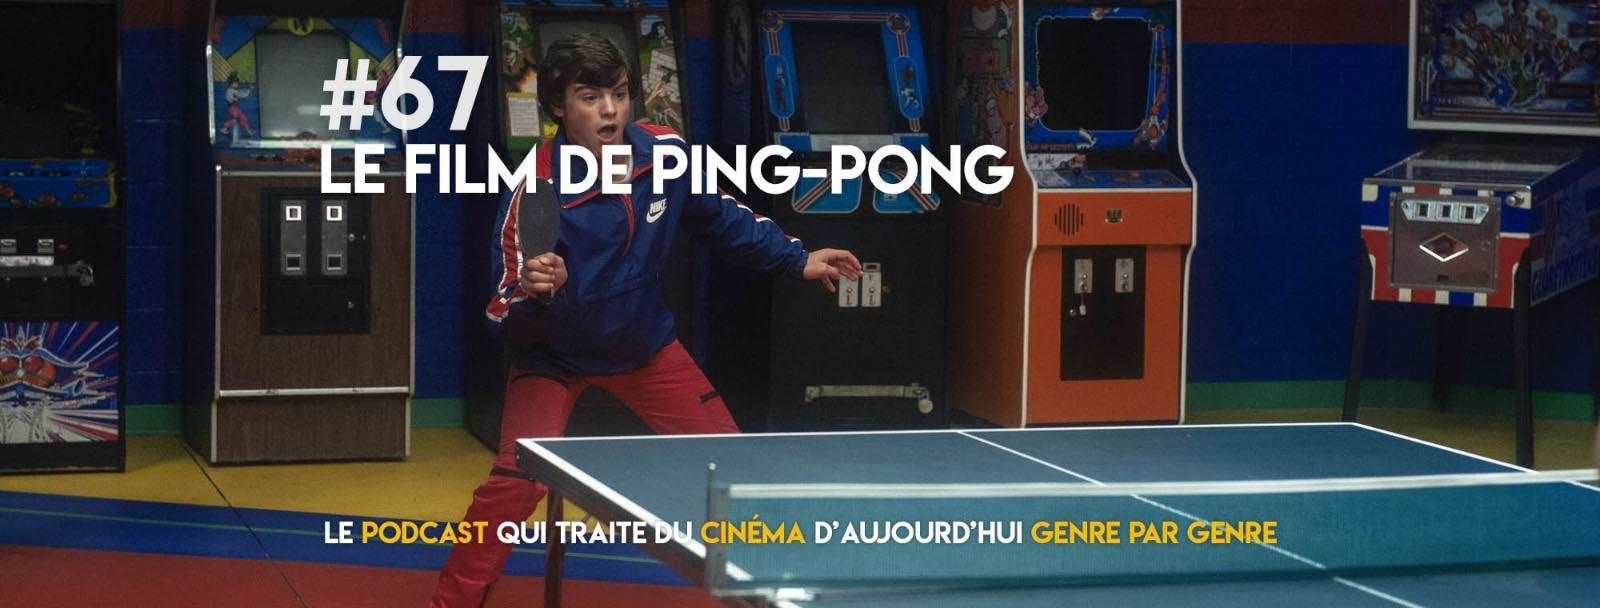 Parlons Péloches - #67 Le film de ping-pong